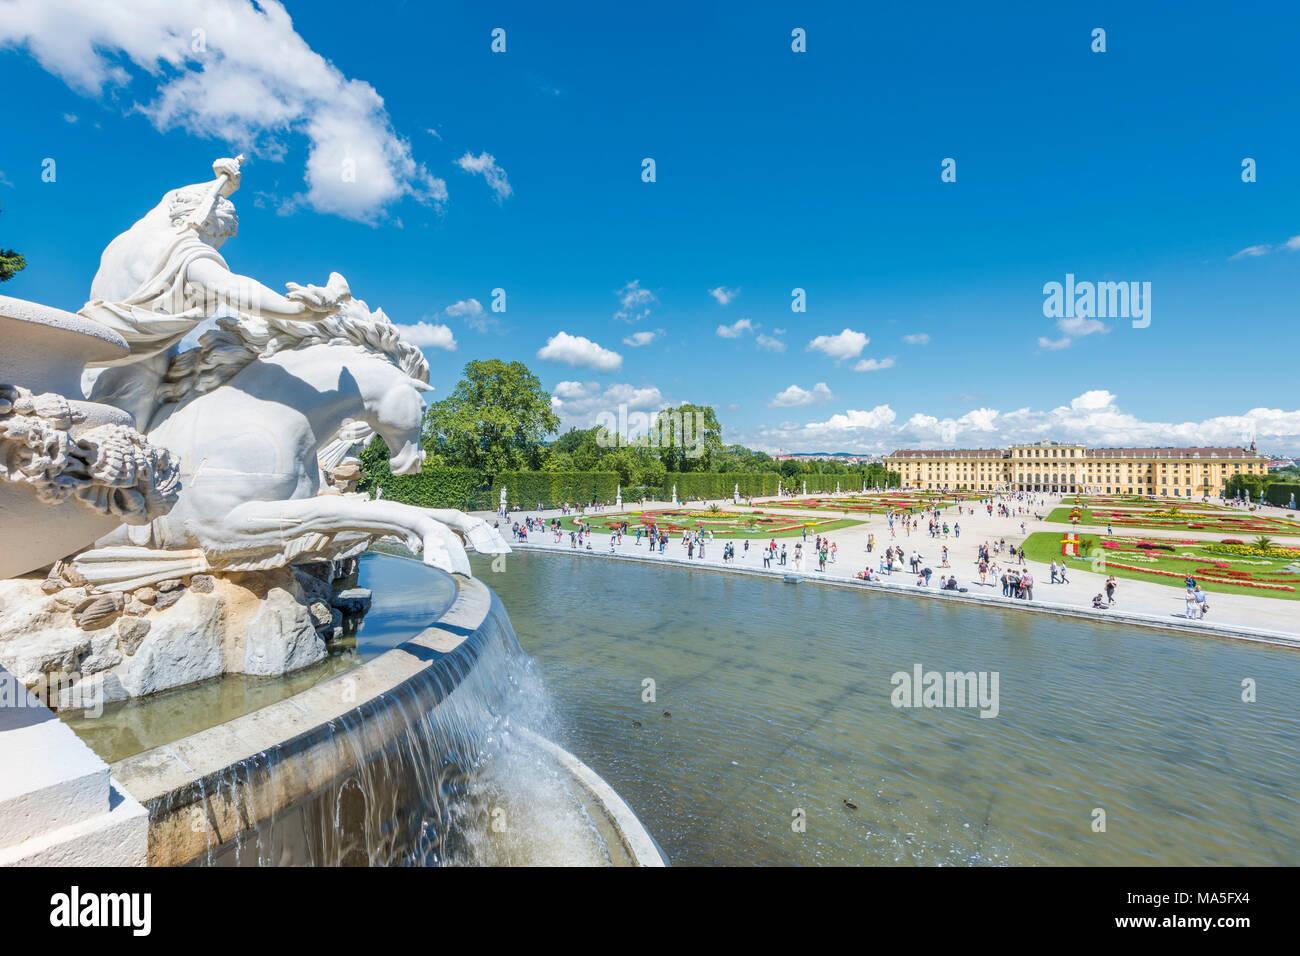 Viena, Austria, Europa. La fuente de Neptuno, en los jardines del Palacio de Schönbrunn. Imagen De Stock